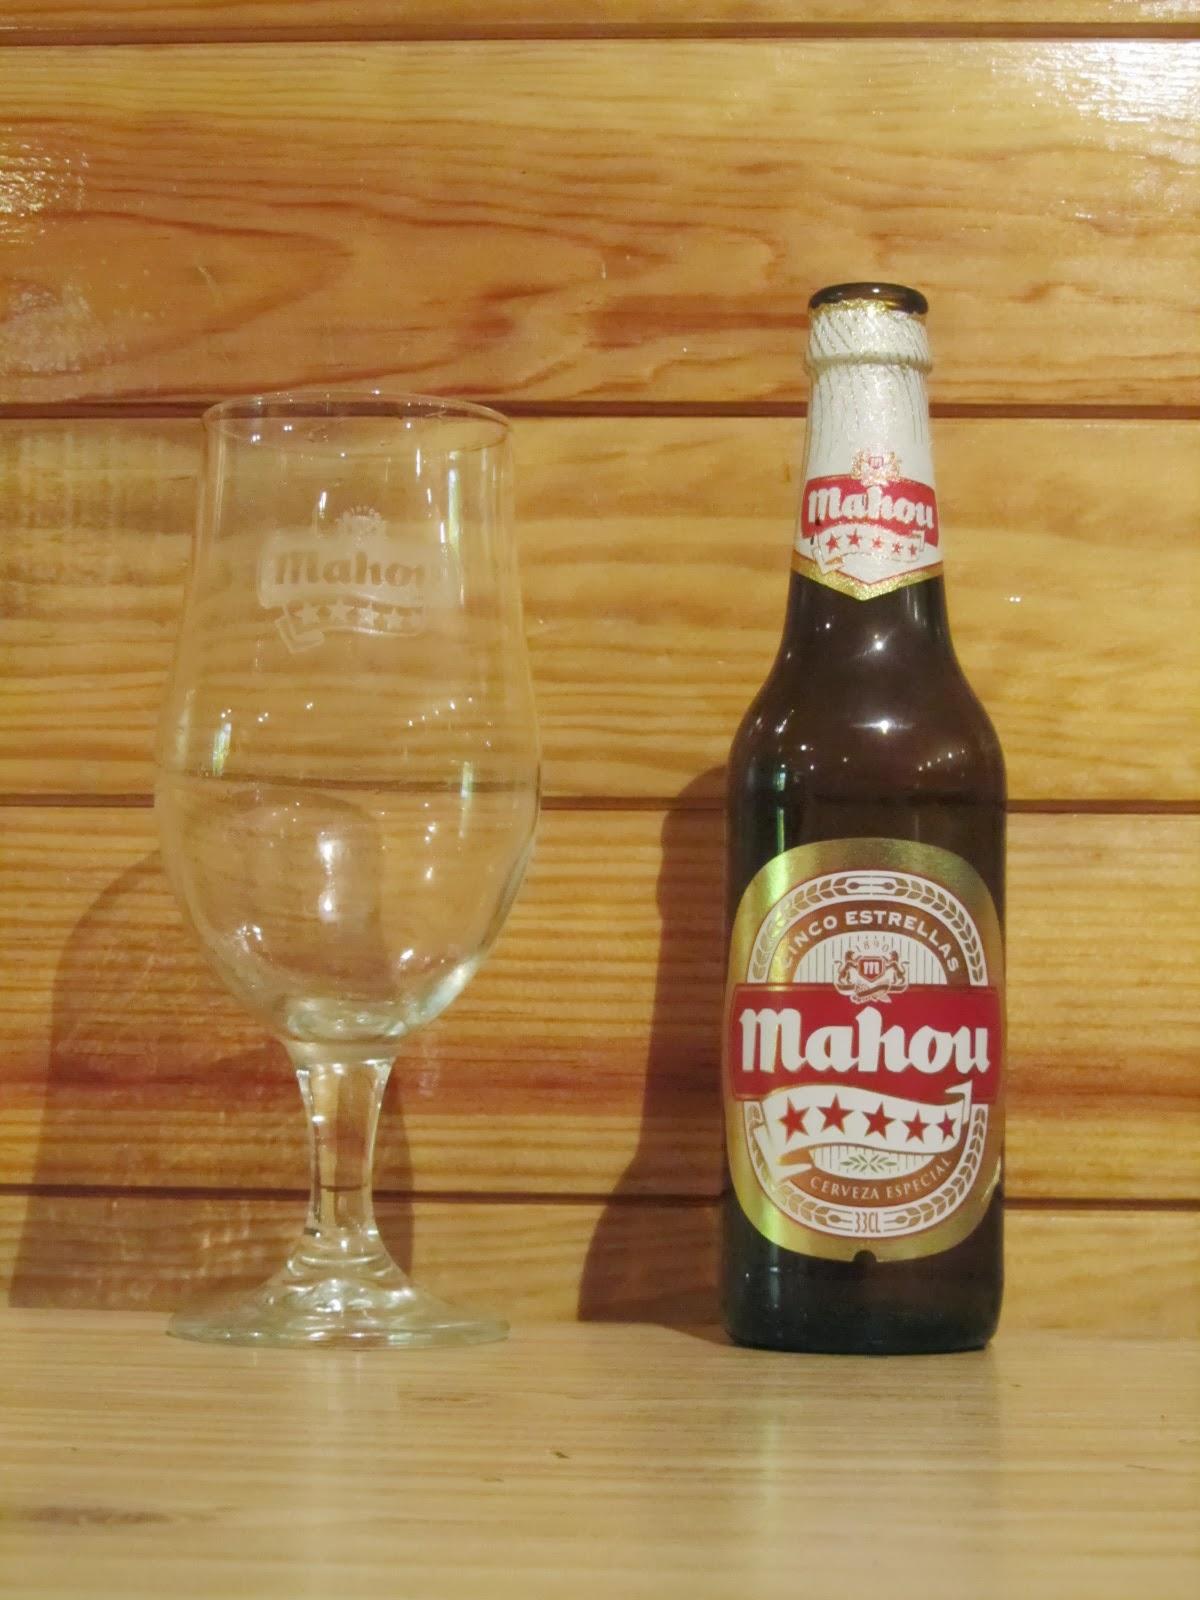 Nuestra colecci n de cervezas copa cerveza mahou cinco for Copa cerveza